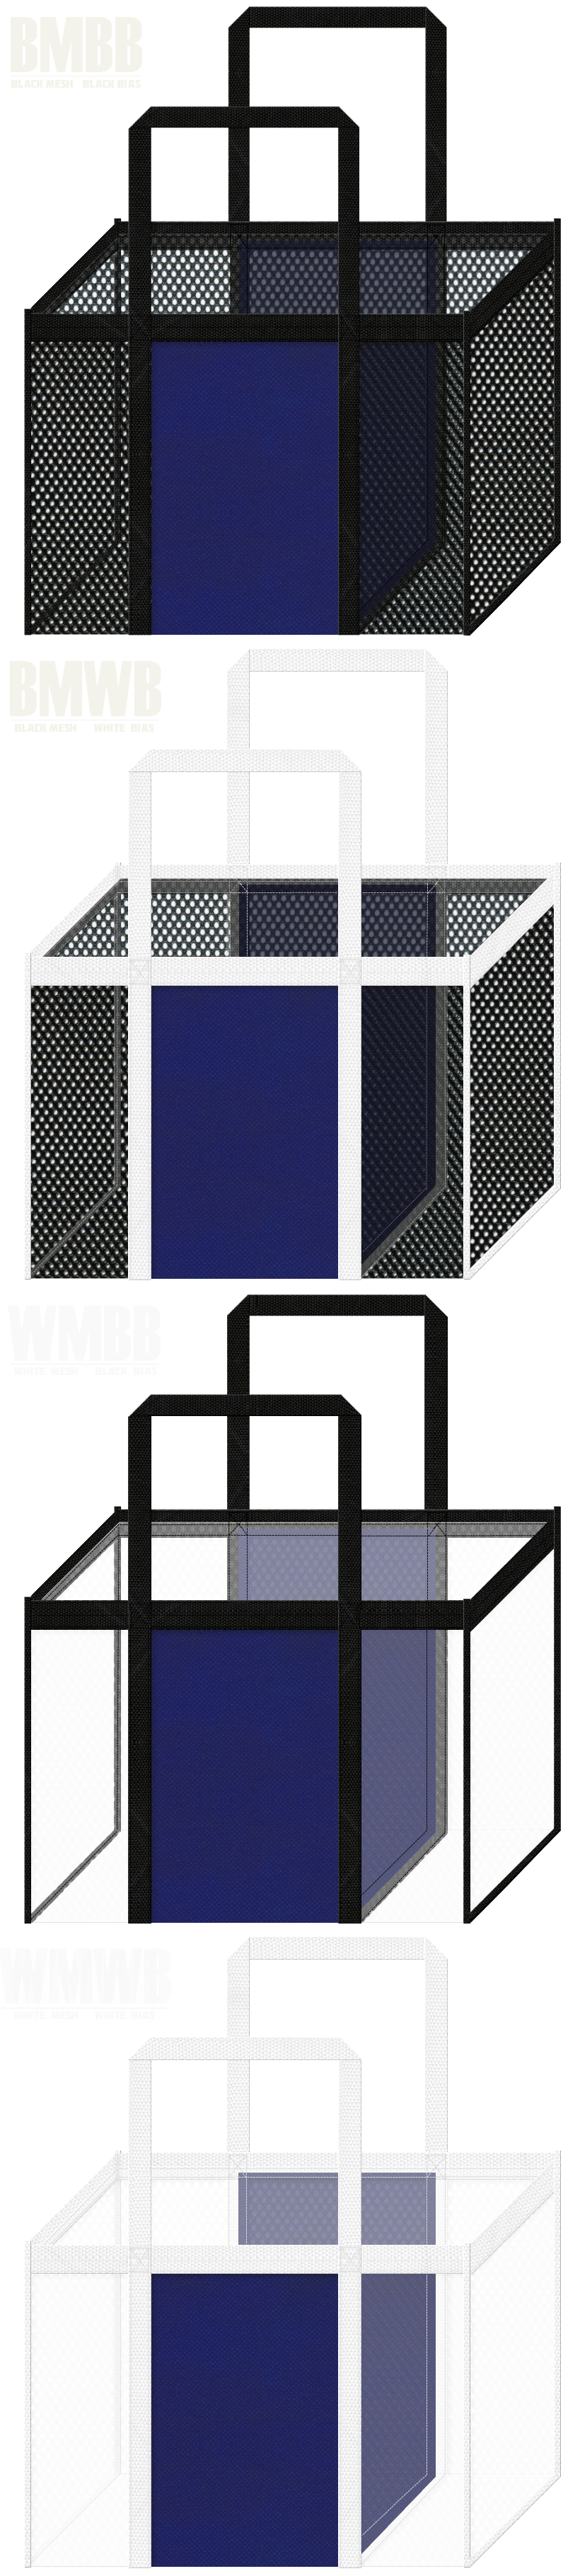 角型メッシュバッグのカラーシミュレーション:黒色・白色メッシュと紺色不織布の組み合わせ